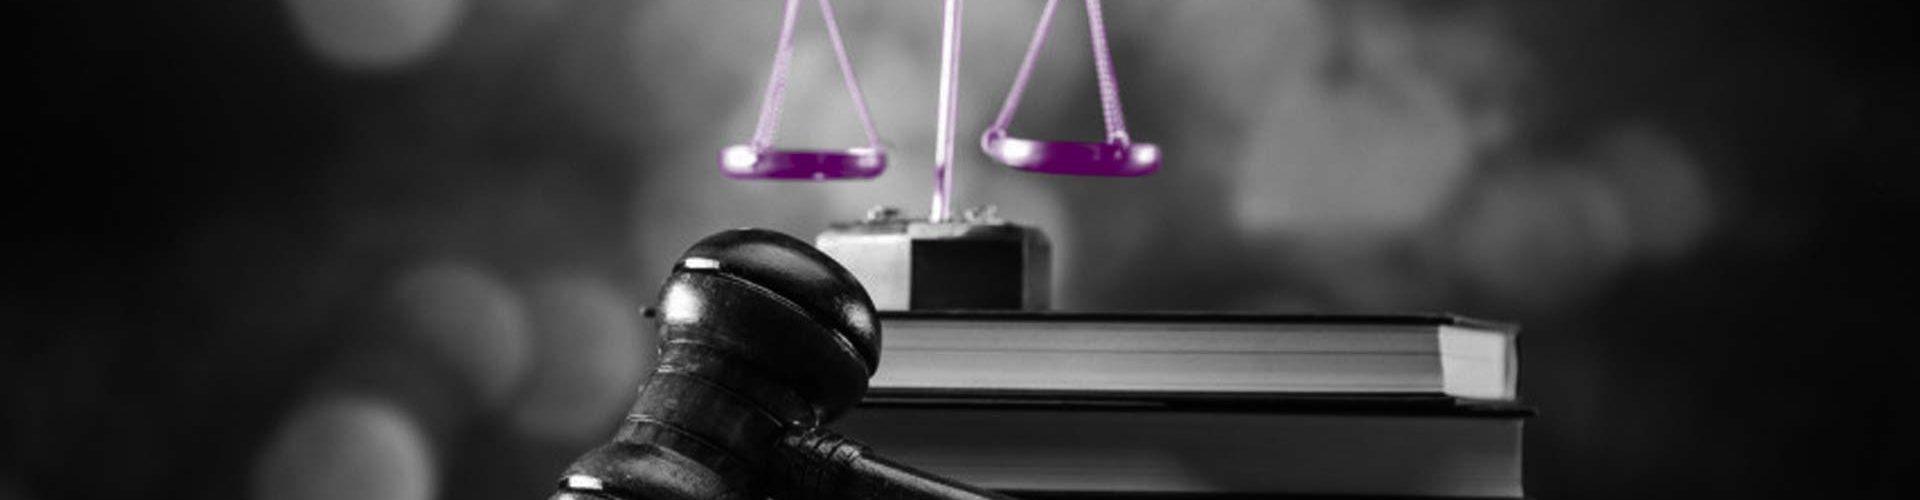 abogados Guardia Civil Fuerzas y Cuerpos de Seguridad del Estado valdemoro